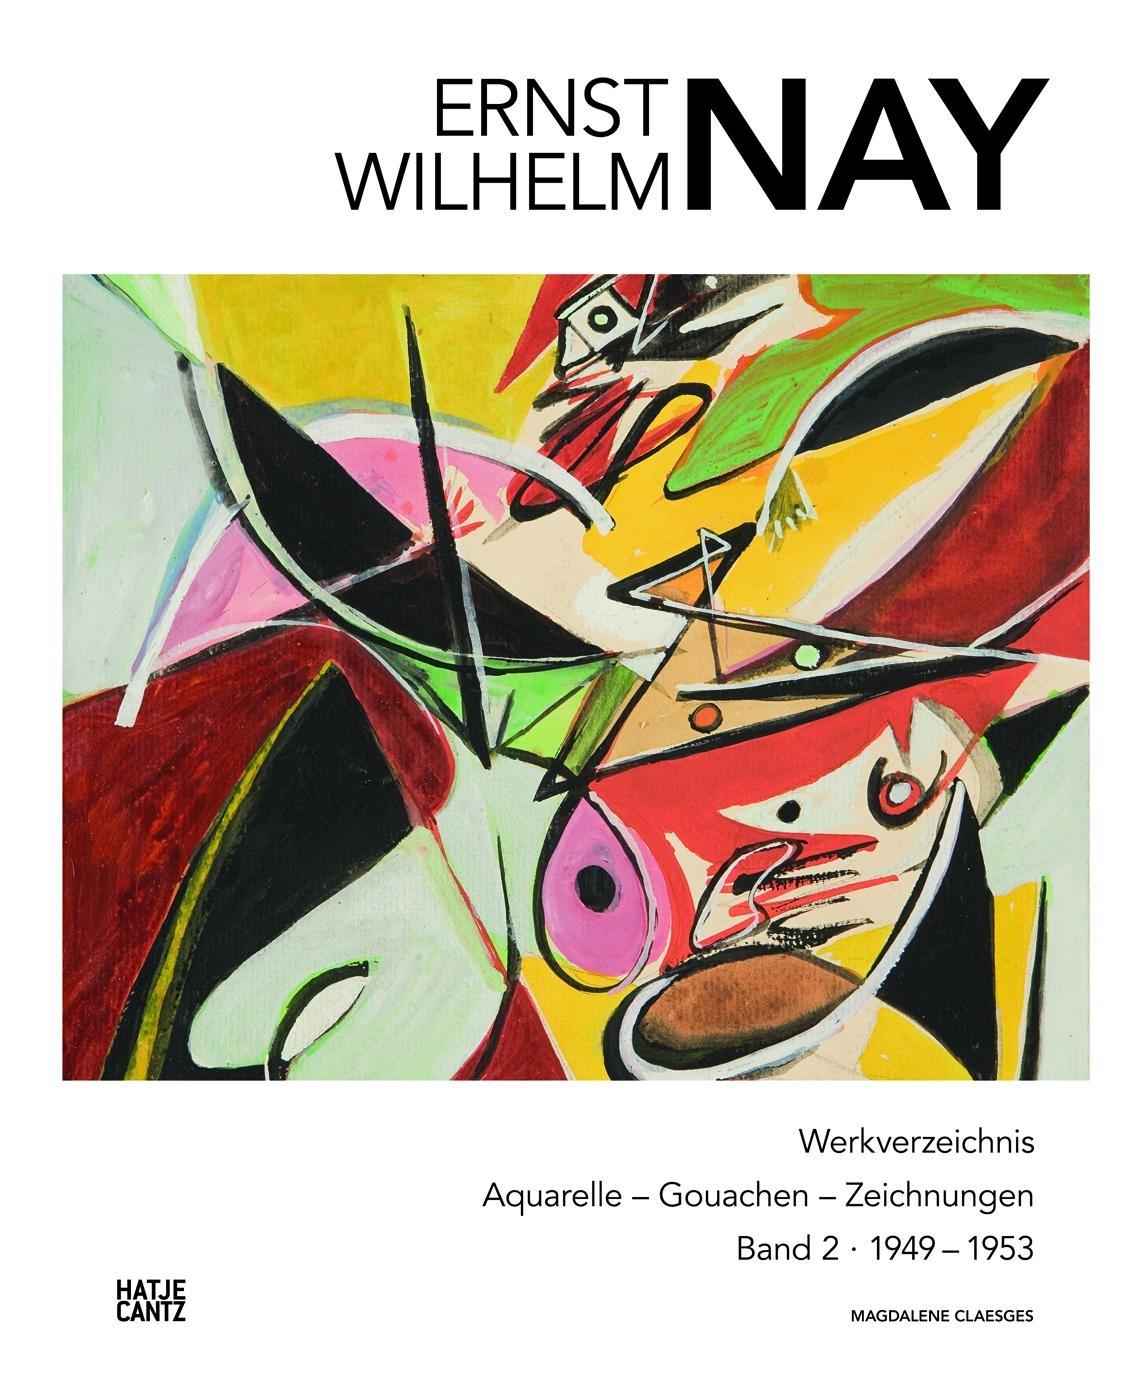 Ernst Wilhelm Nay | Band 2